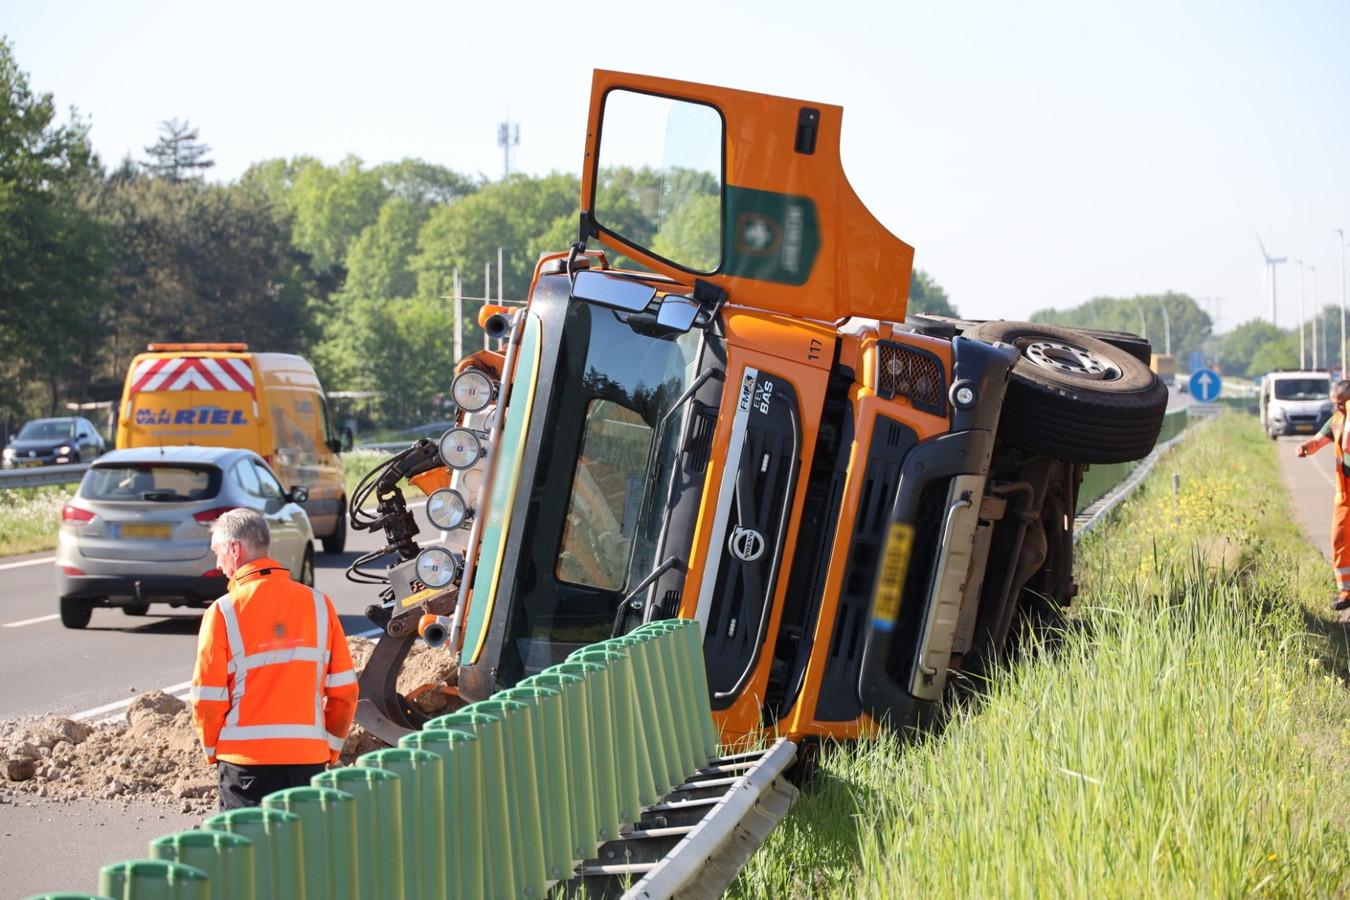 Een vrachtwagen is woensdagochtend tijdens werkzaamheden omgekanteld en op de busbaan beland van de N261 bij Loon op Zand.